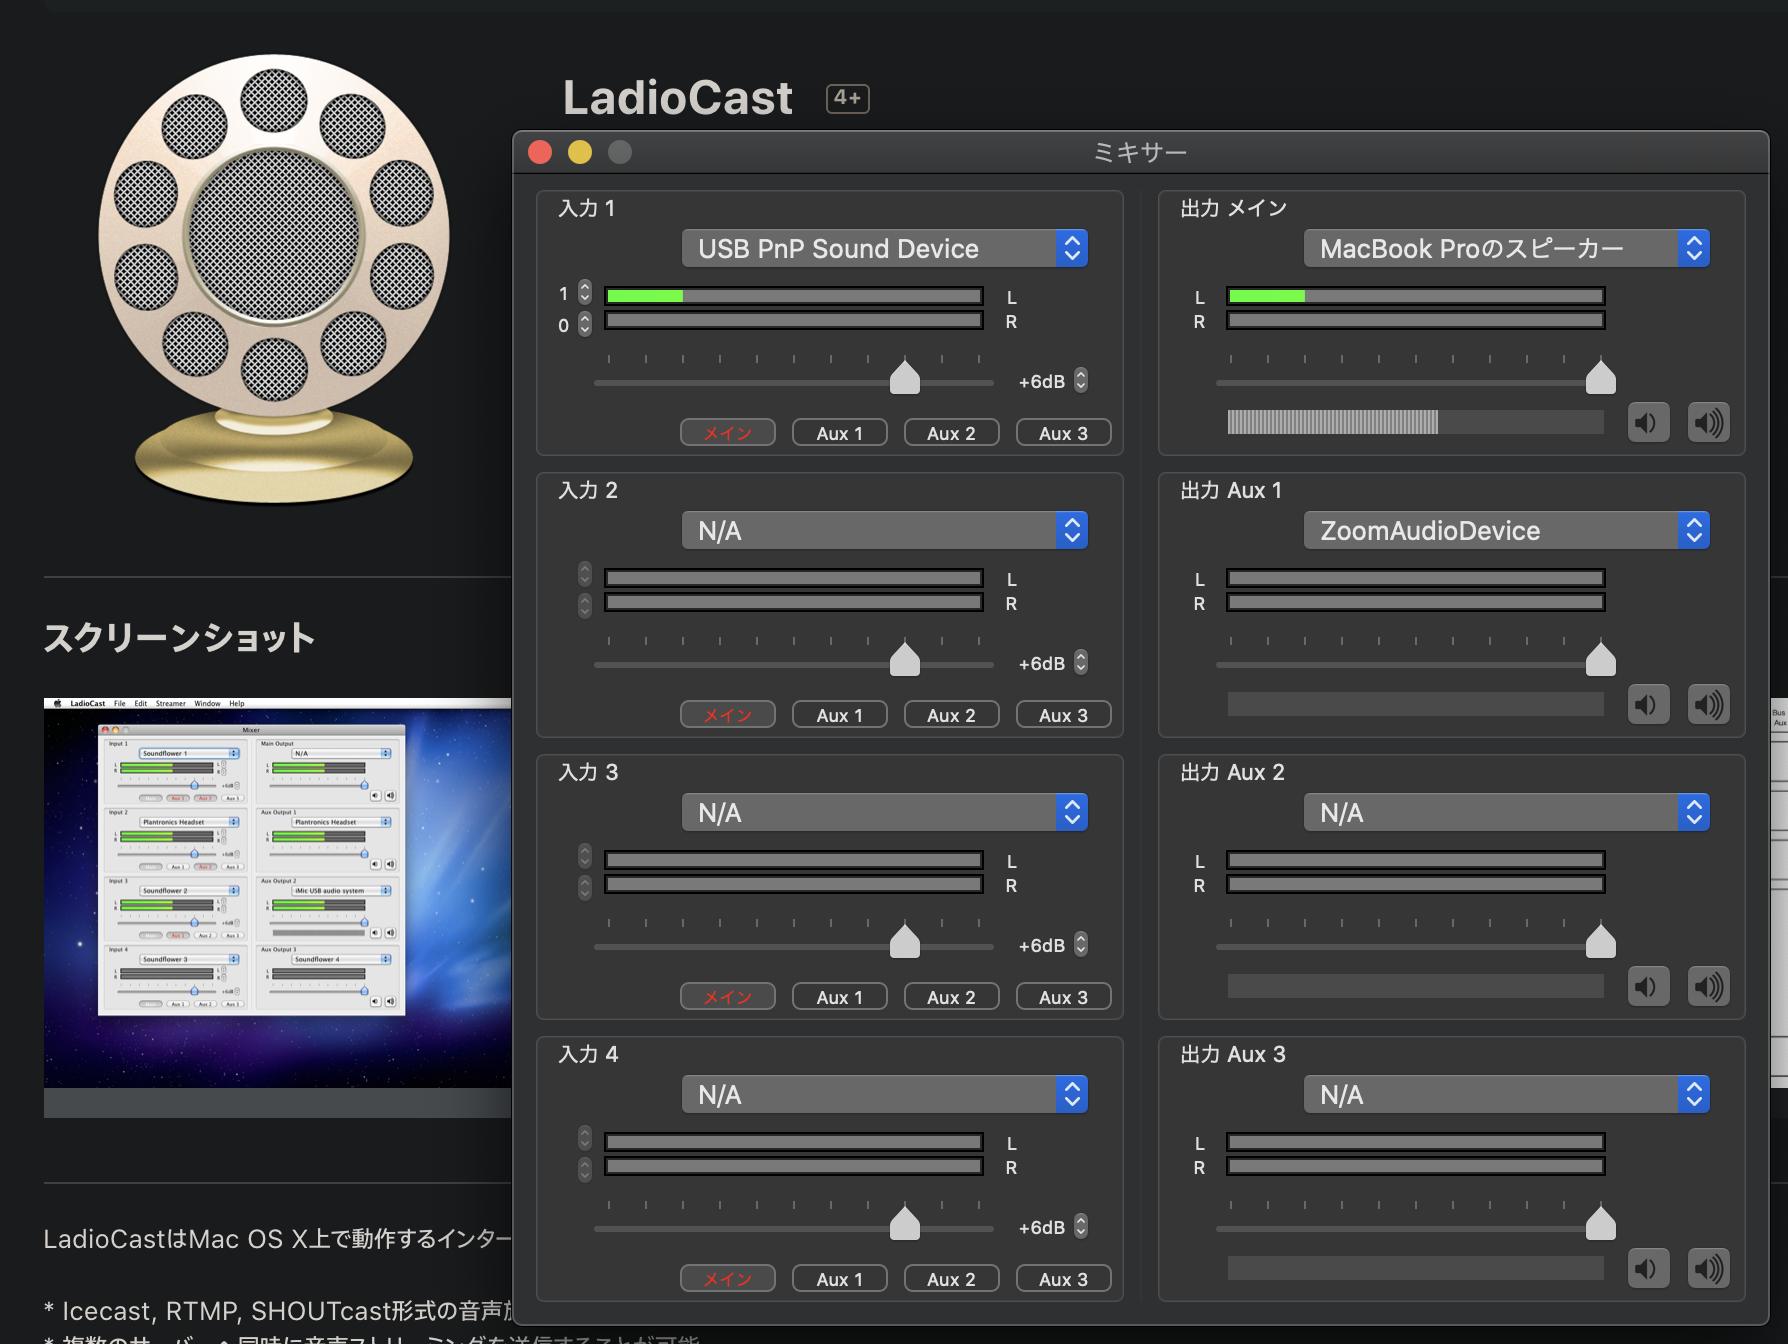 [LadioCast] 仮想ミキサーでMacbook内の音の流れをまとめる